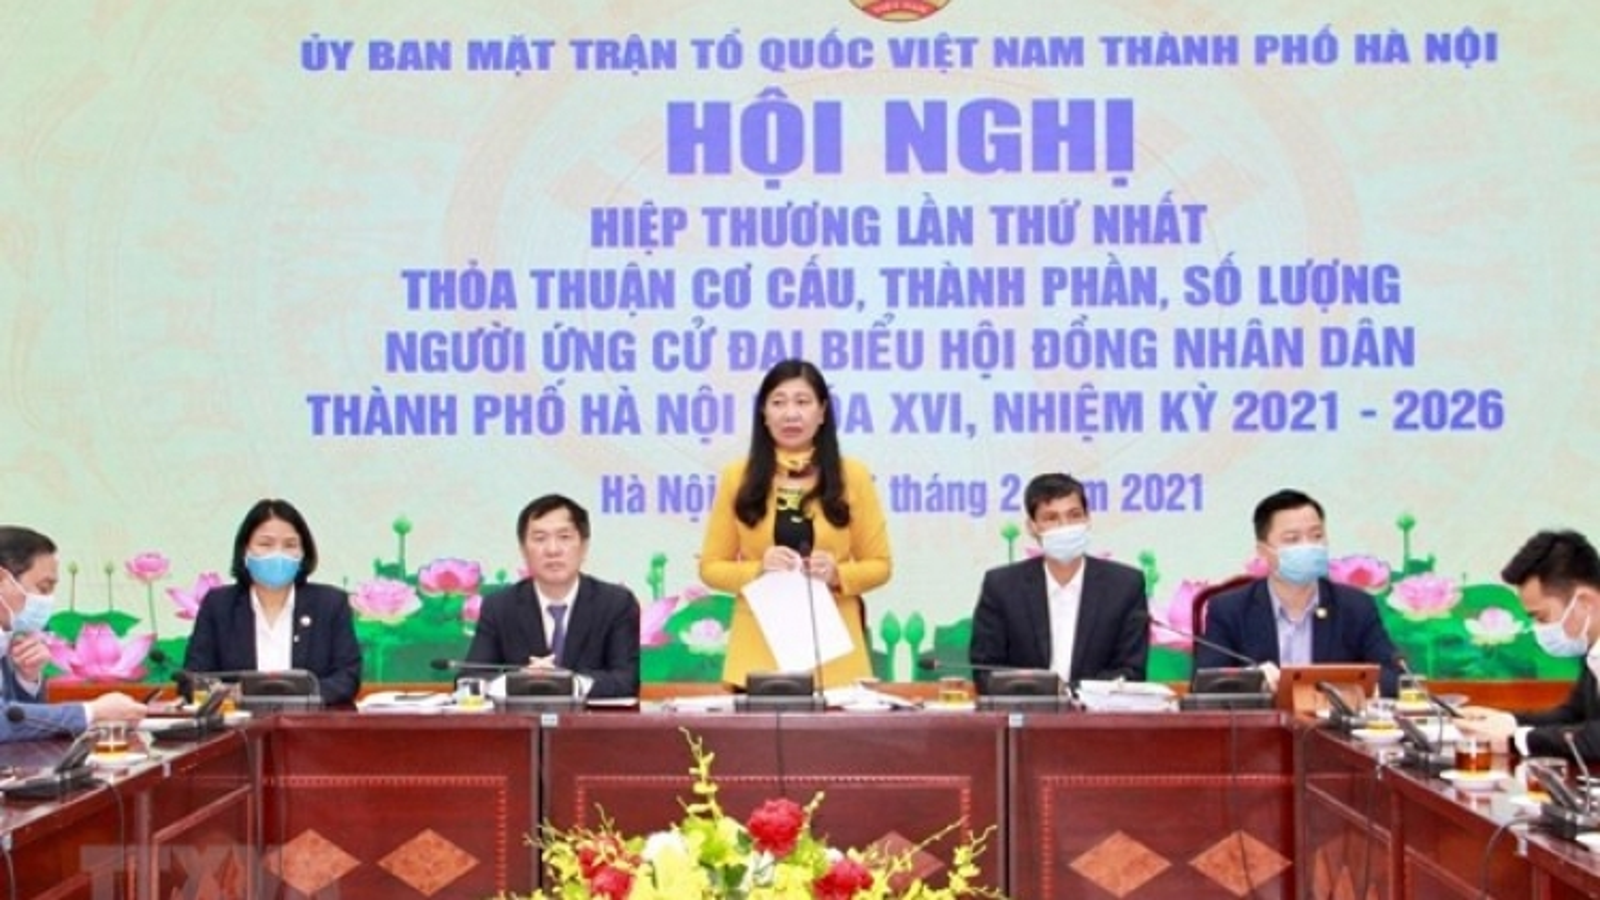 Hà Nội: 6 người có đơn xin rút hồ sơ ứng cử đại biểu Quốc hội khóa XV